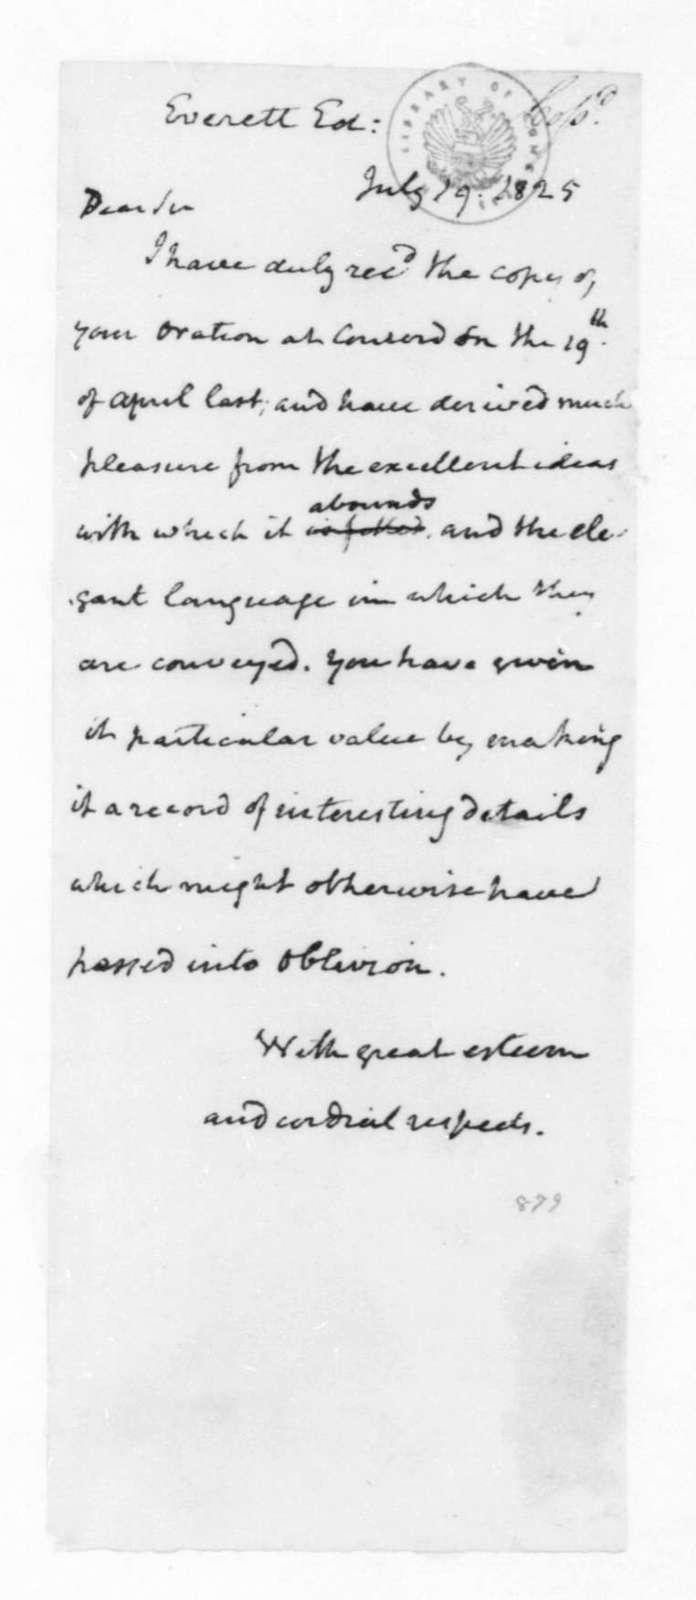 James Madison to Edward Everett, July 19, 1825.